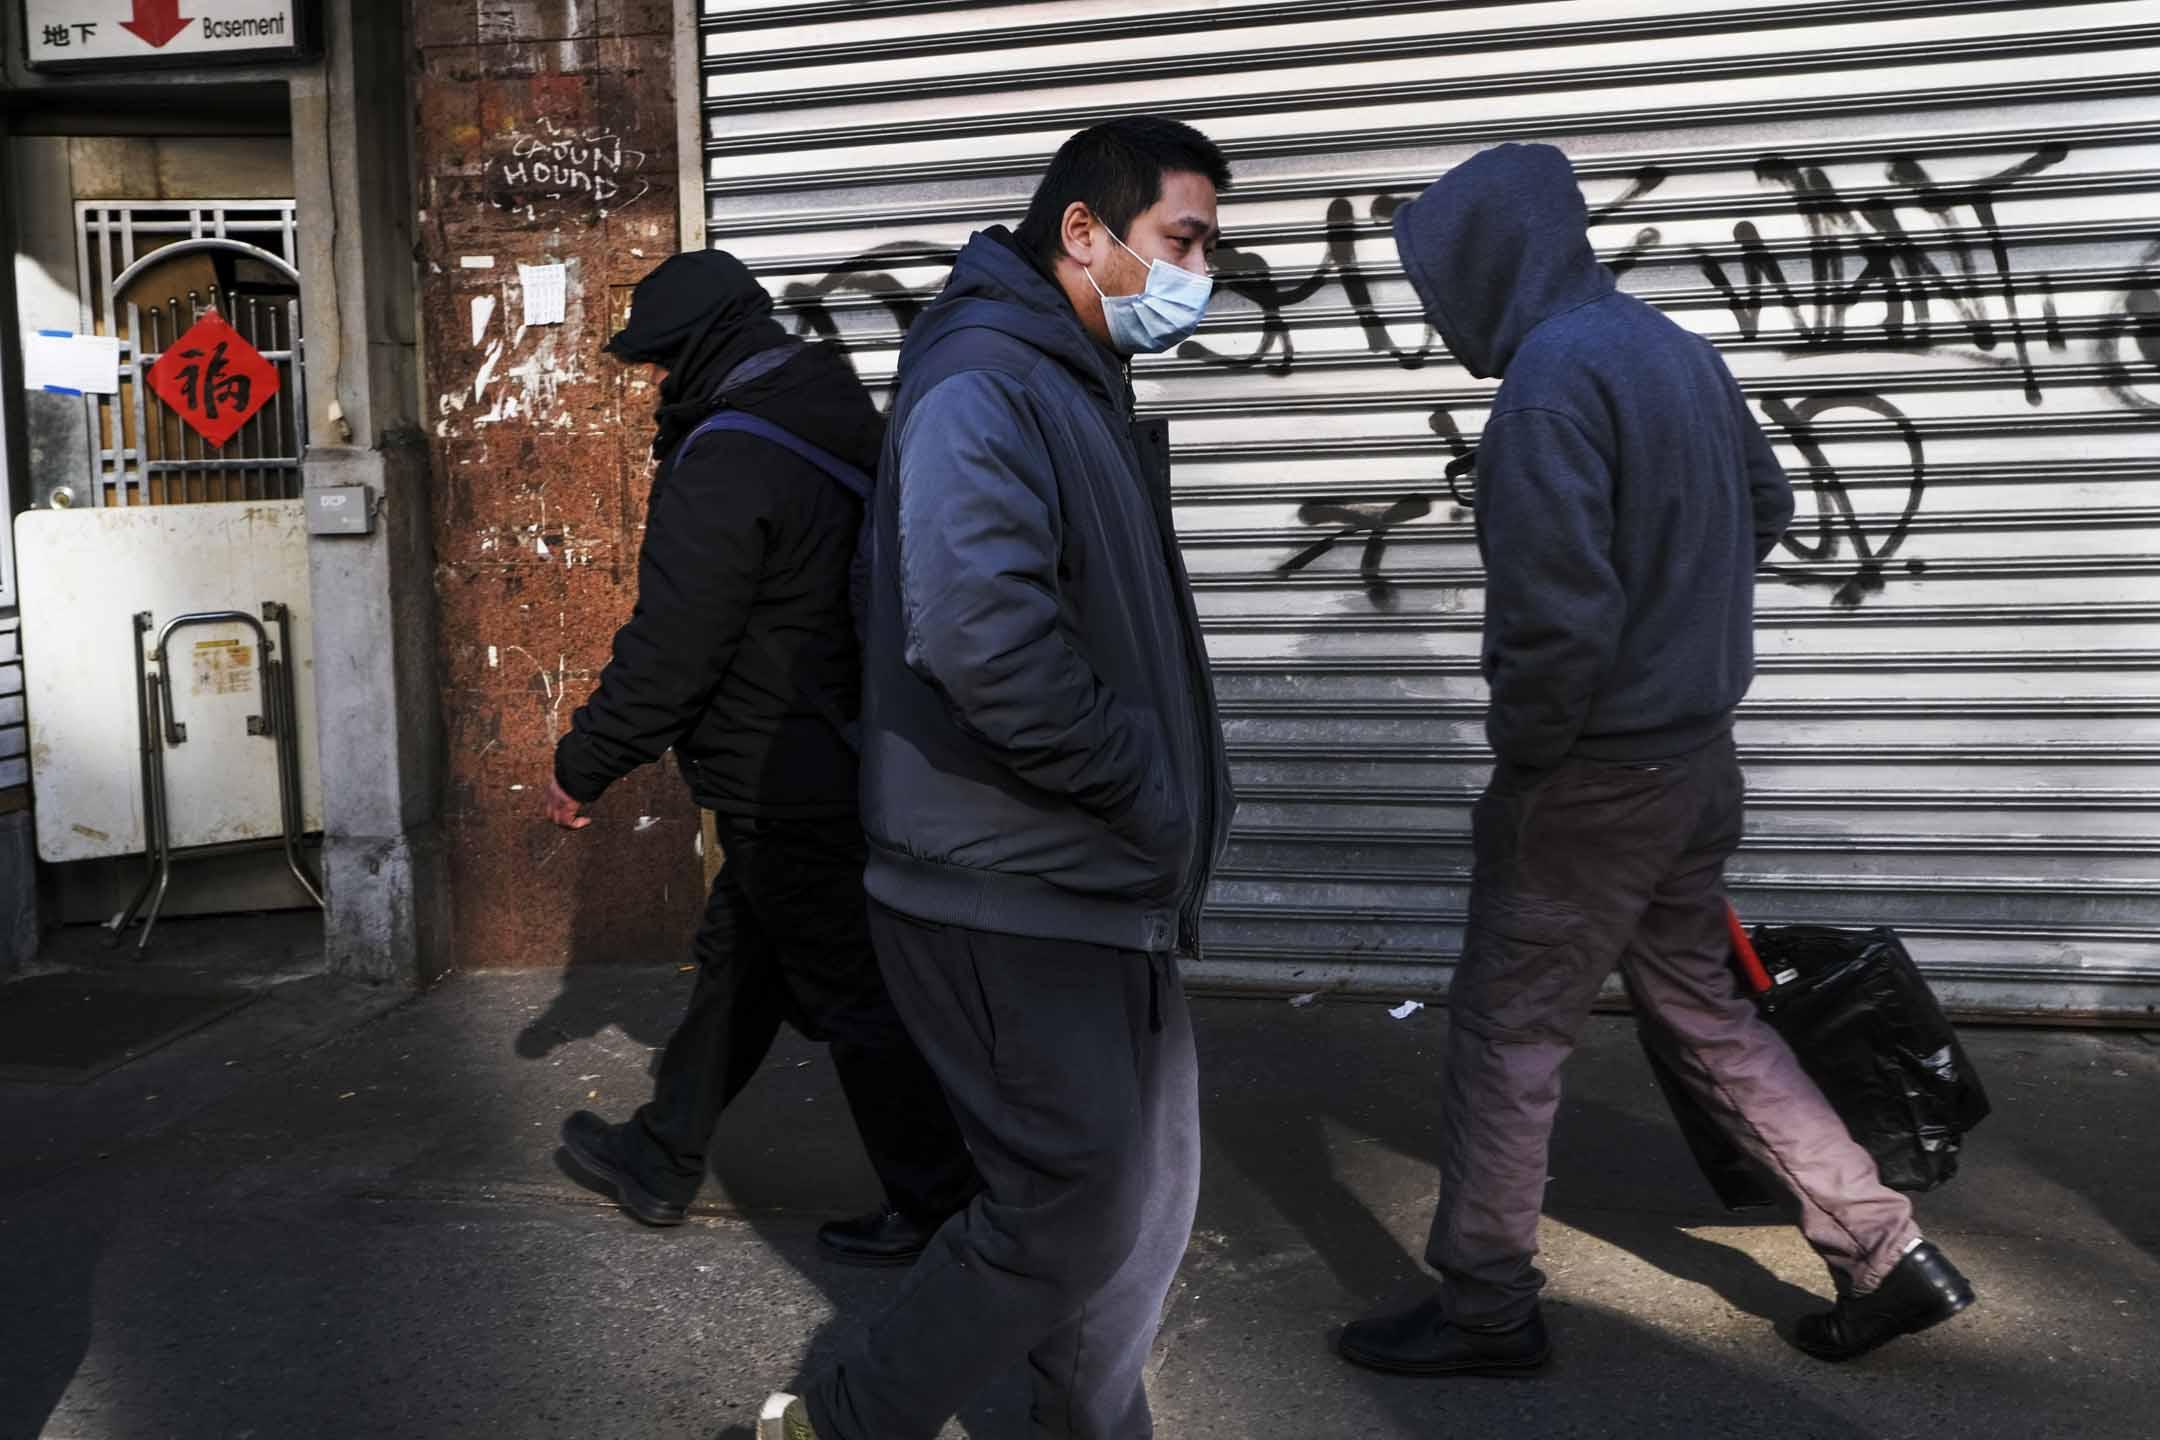 2020年1月29日,美國紐約唐人街的街道上,華人都戴著口罩外出。